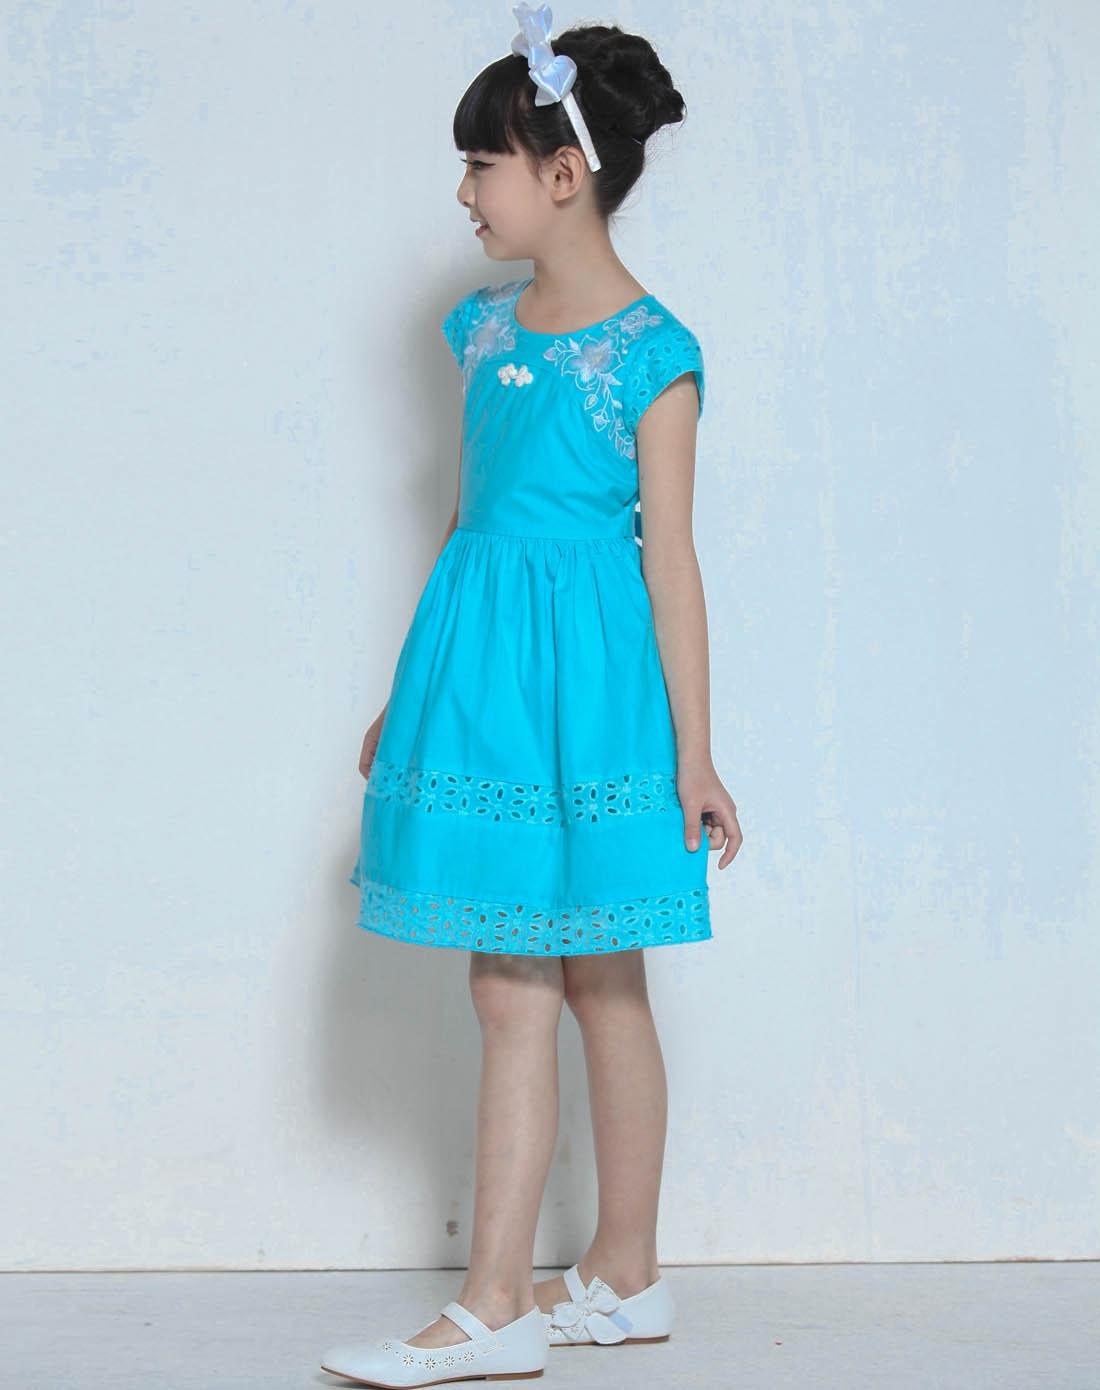 女童湖蓝连衣裙